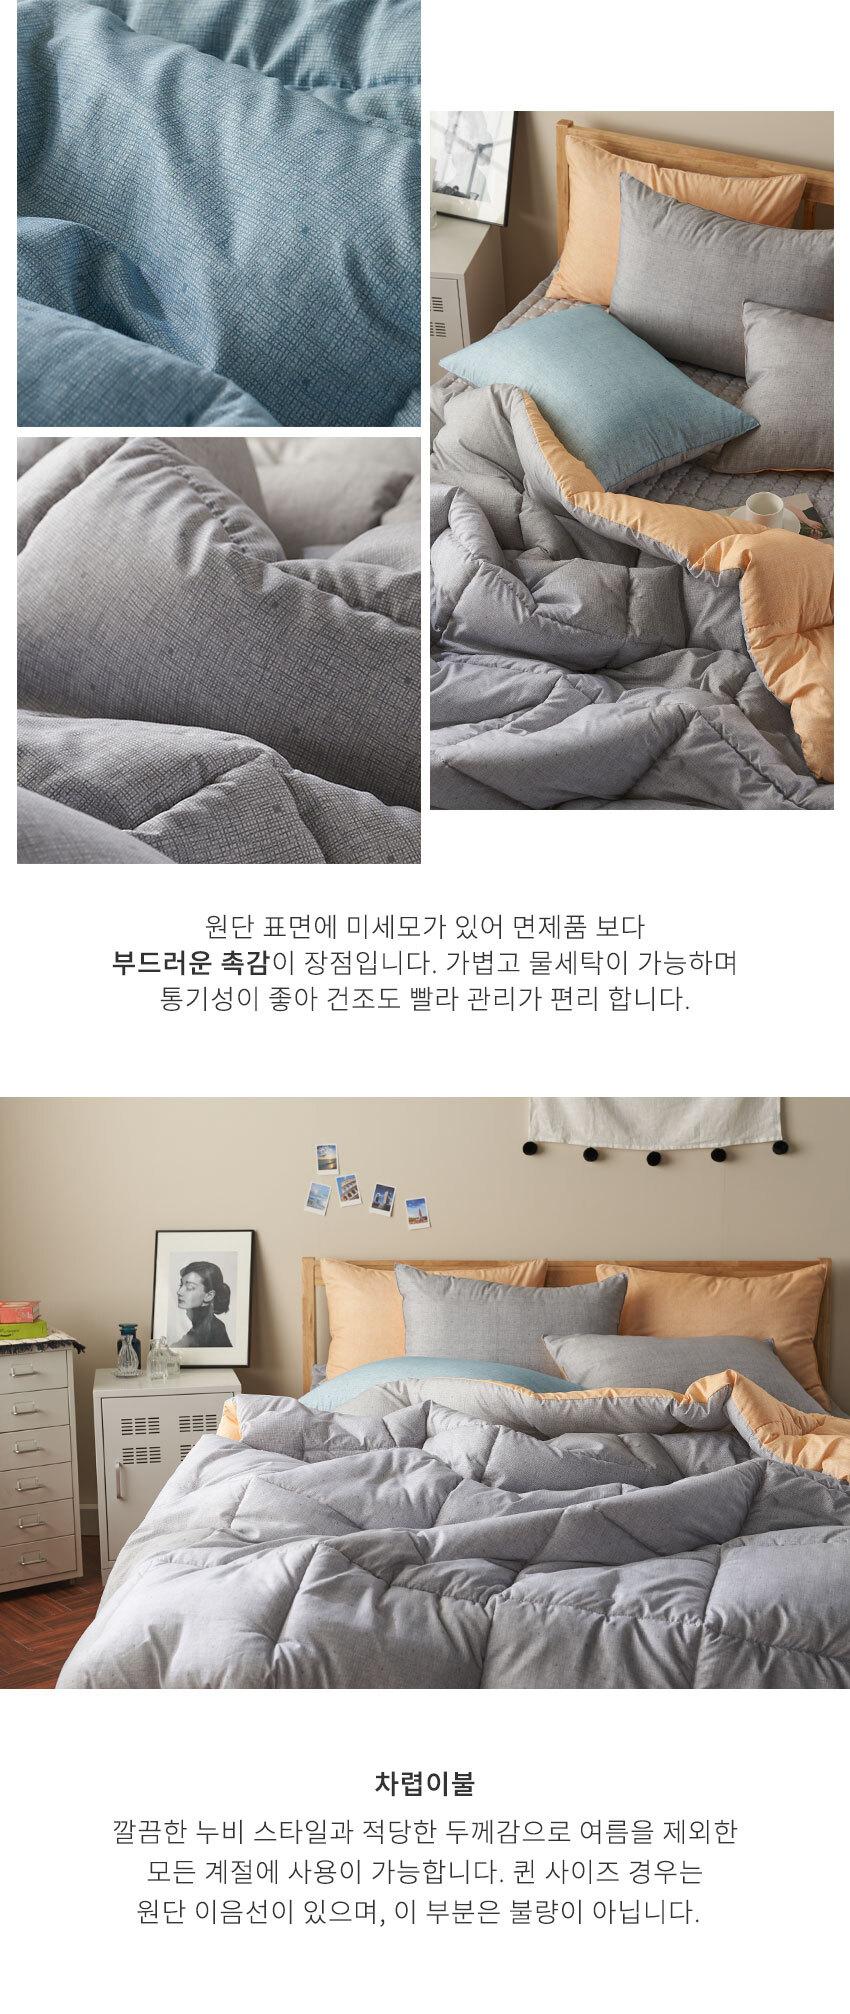 minicheck_bed_02.jpg